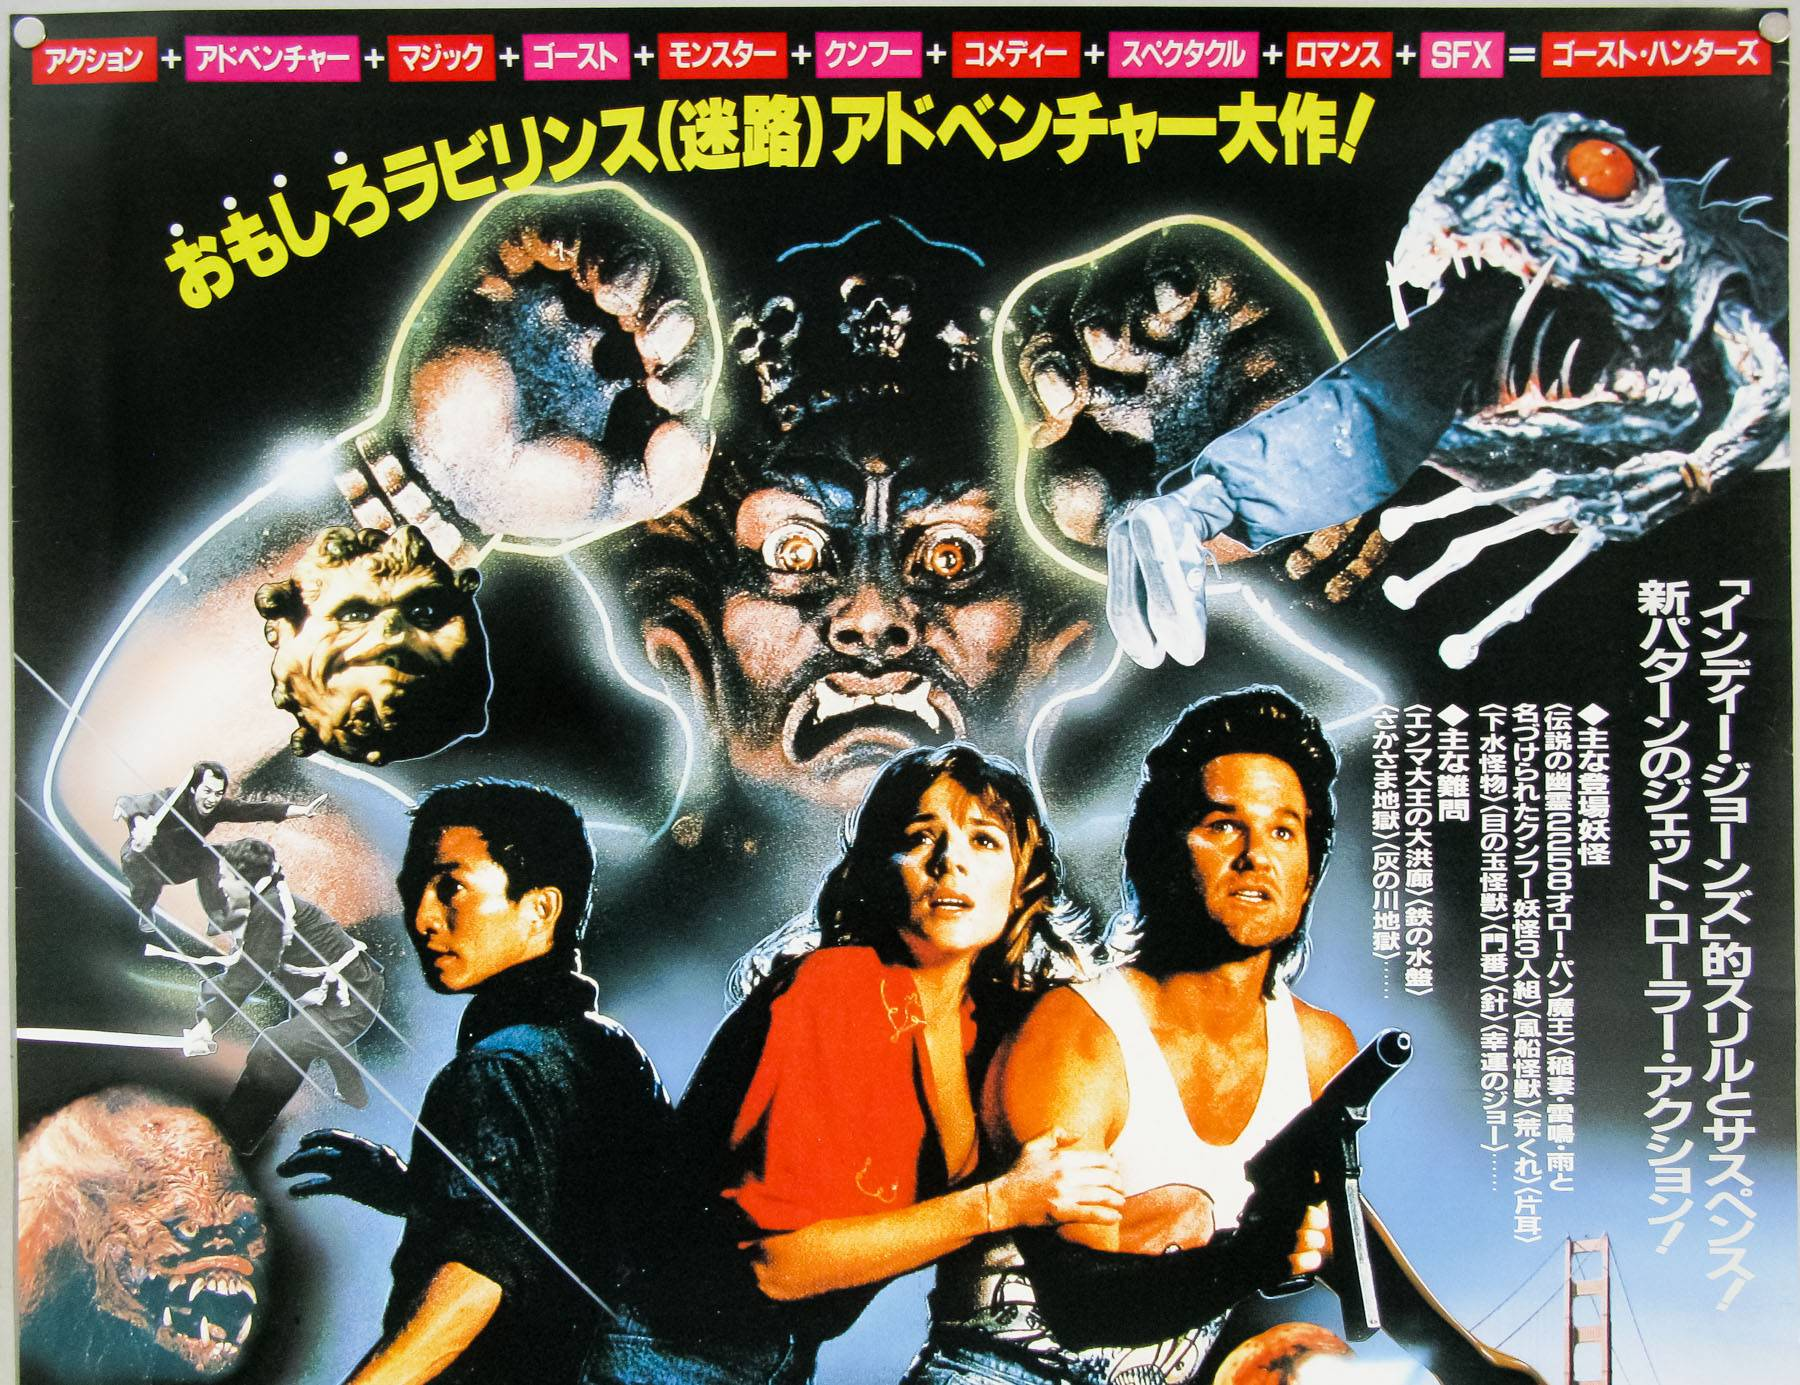 les-posters-japonais-de-vos-films-preferes